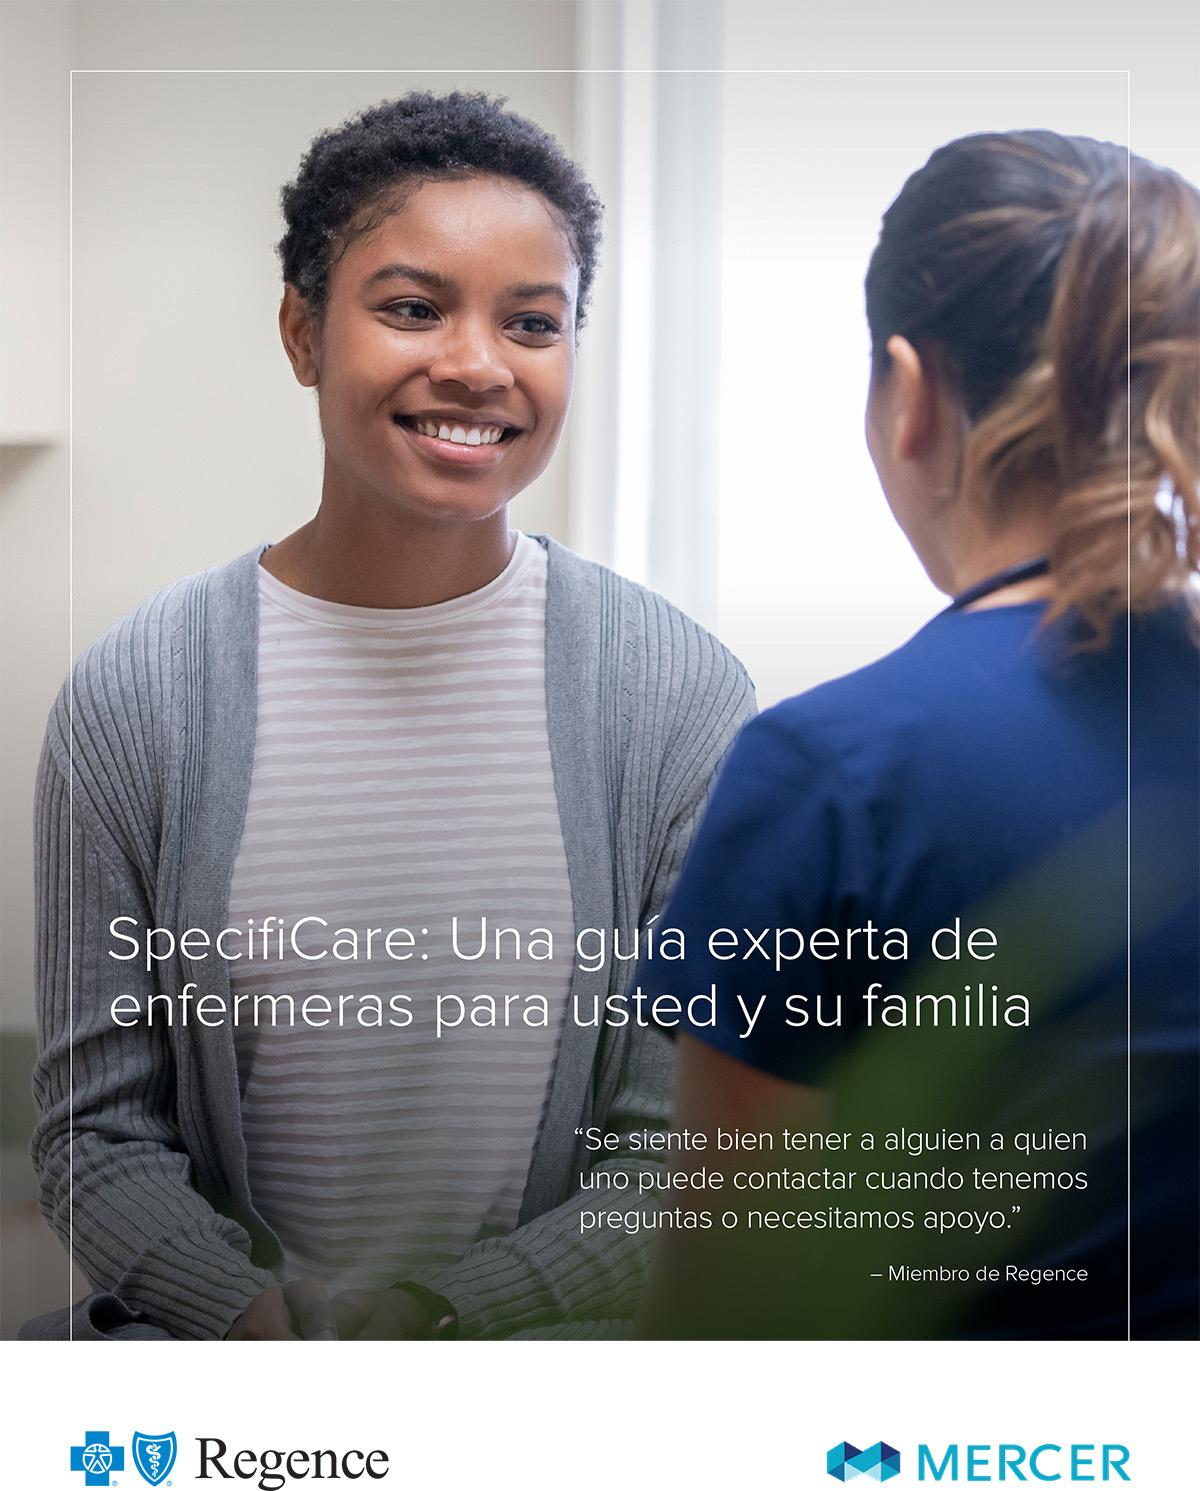 SpecifiCare: Una guía experta de enfermeras para usted y su familia